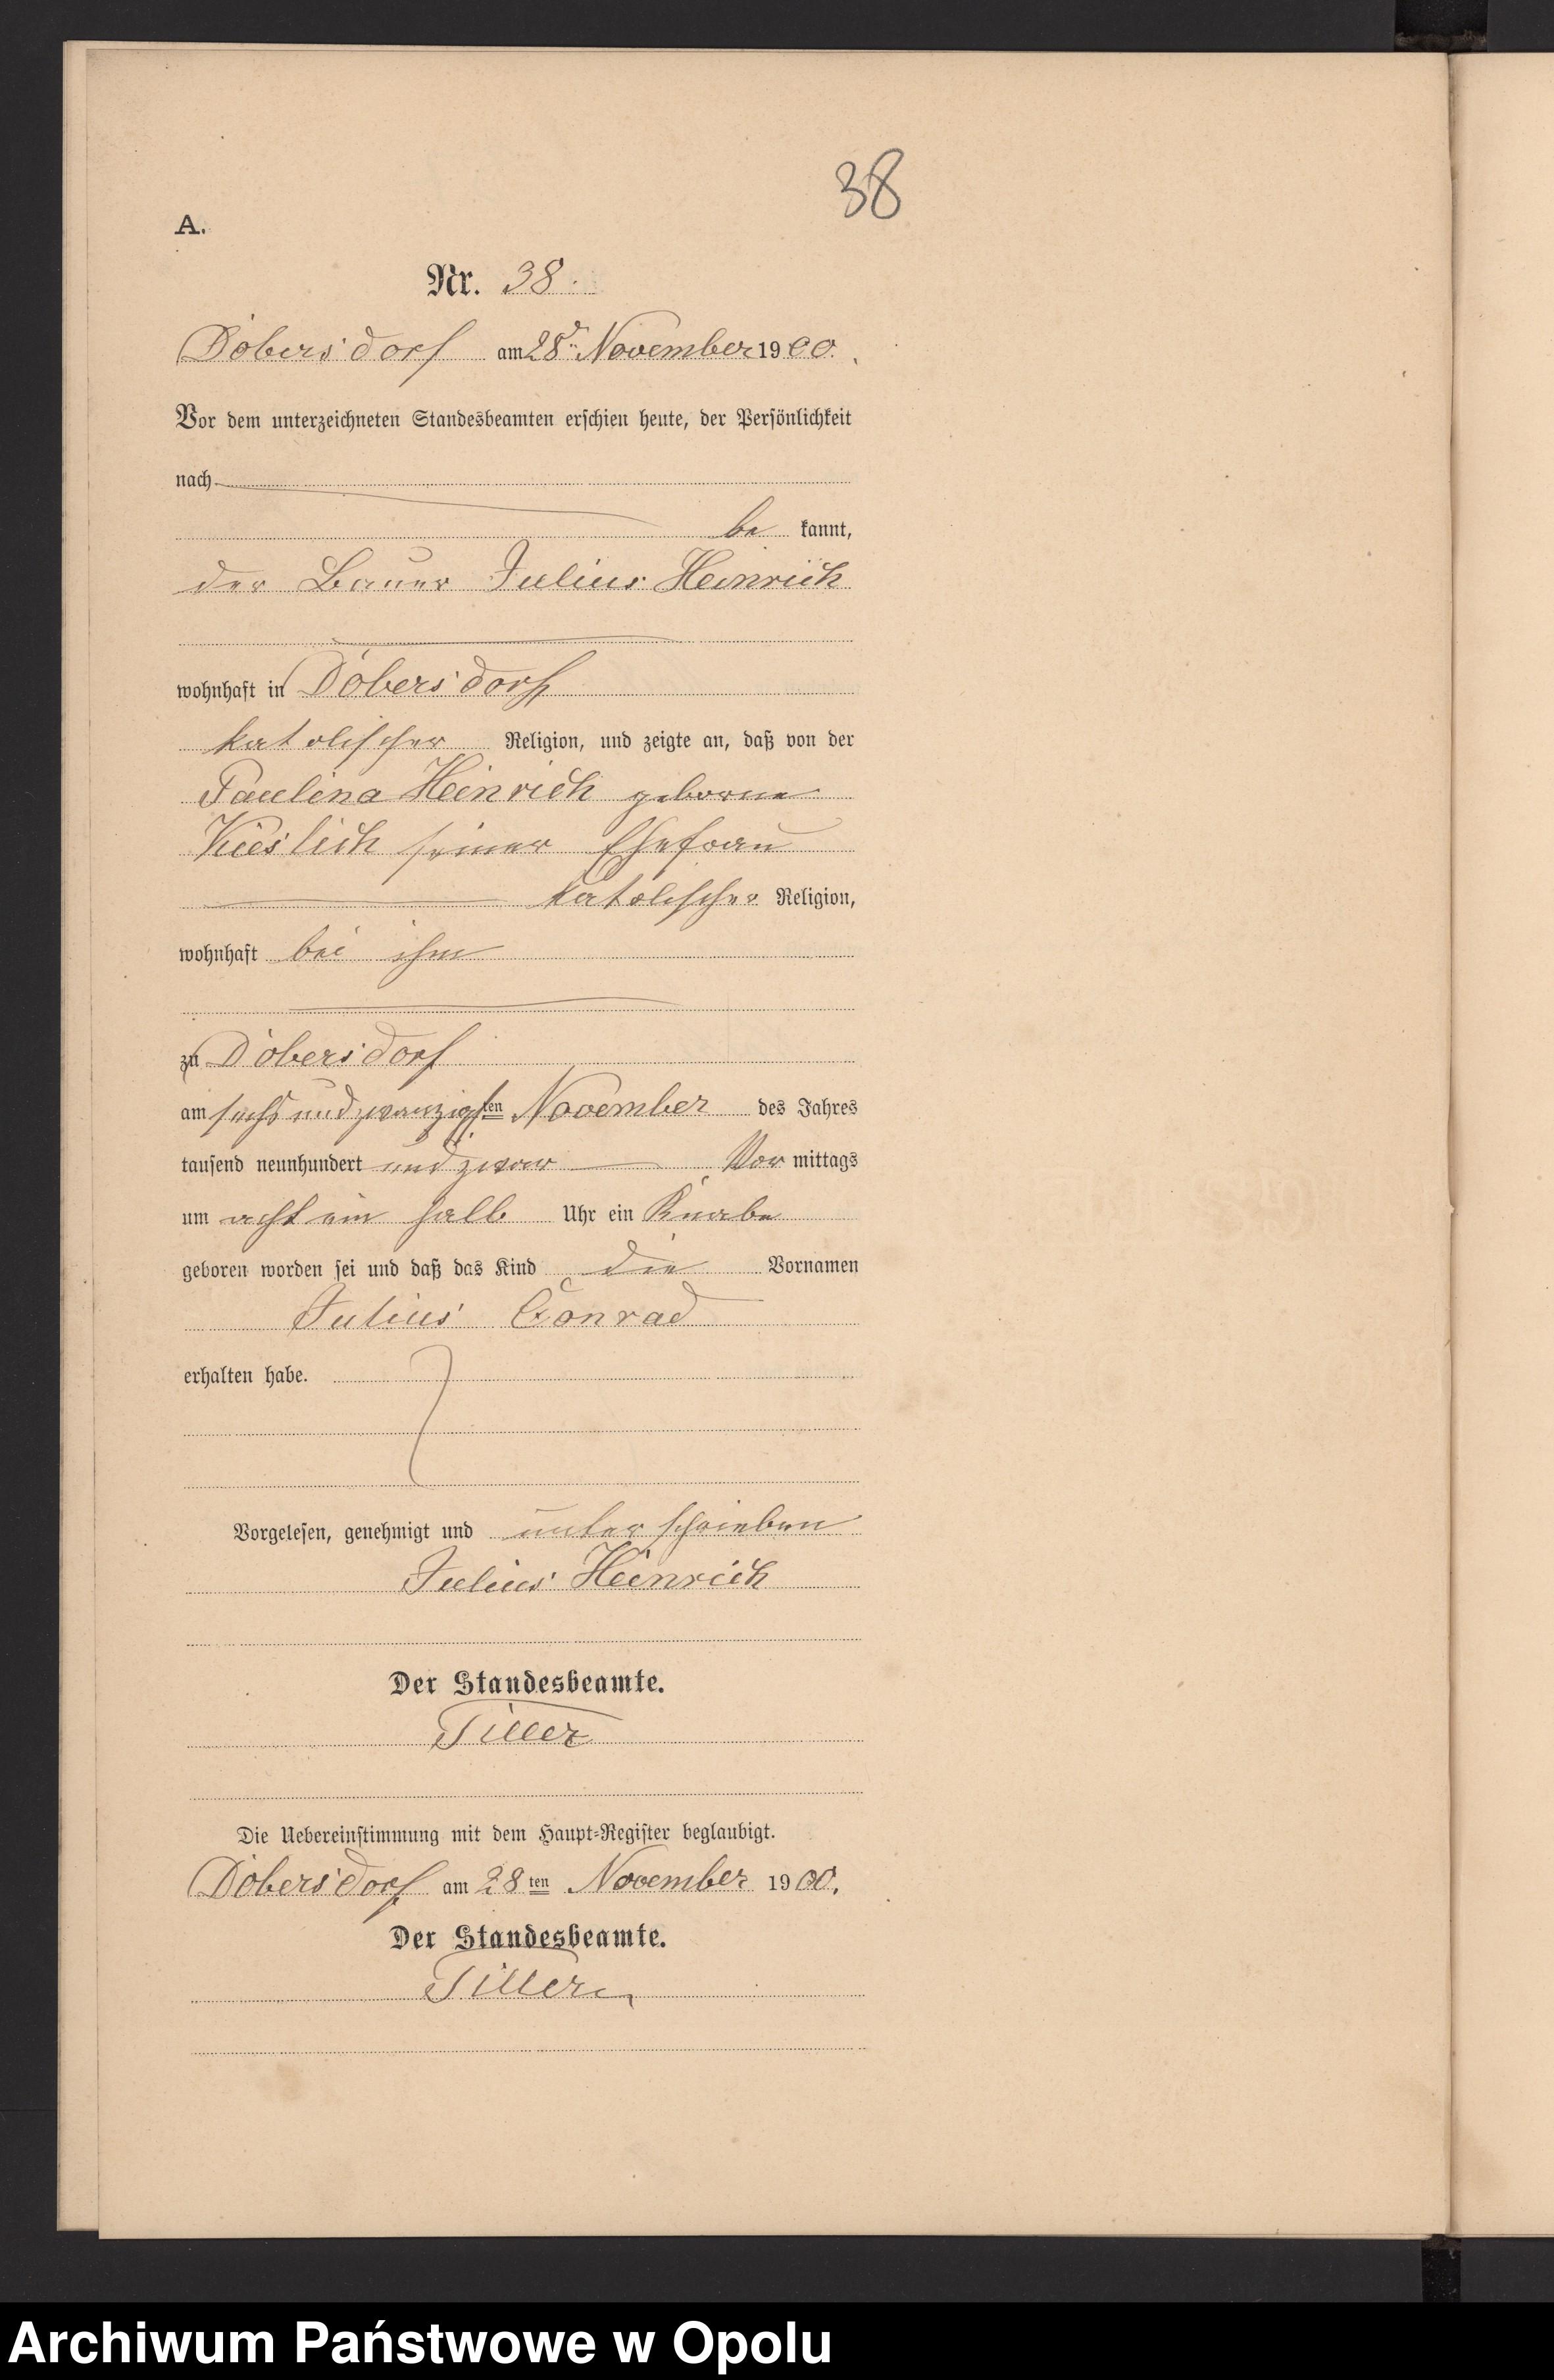 Skan z jednostki: Geburts-Neben-Register Standesamts Dobersdorf pro 1900